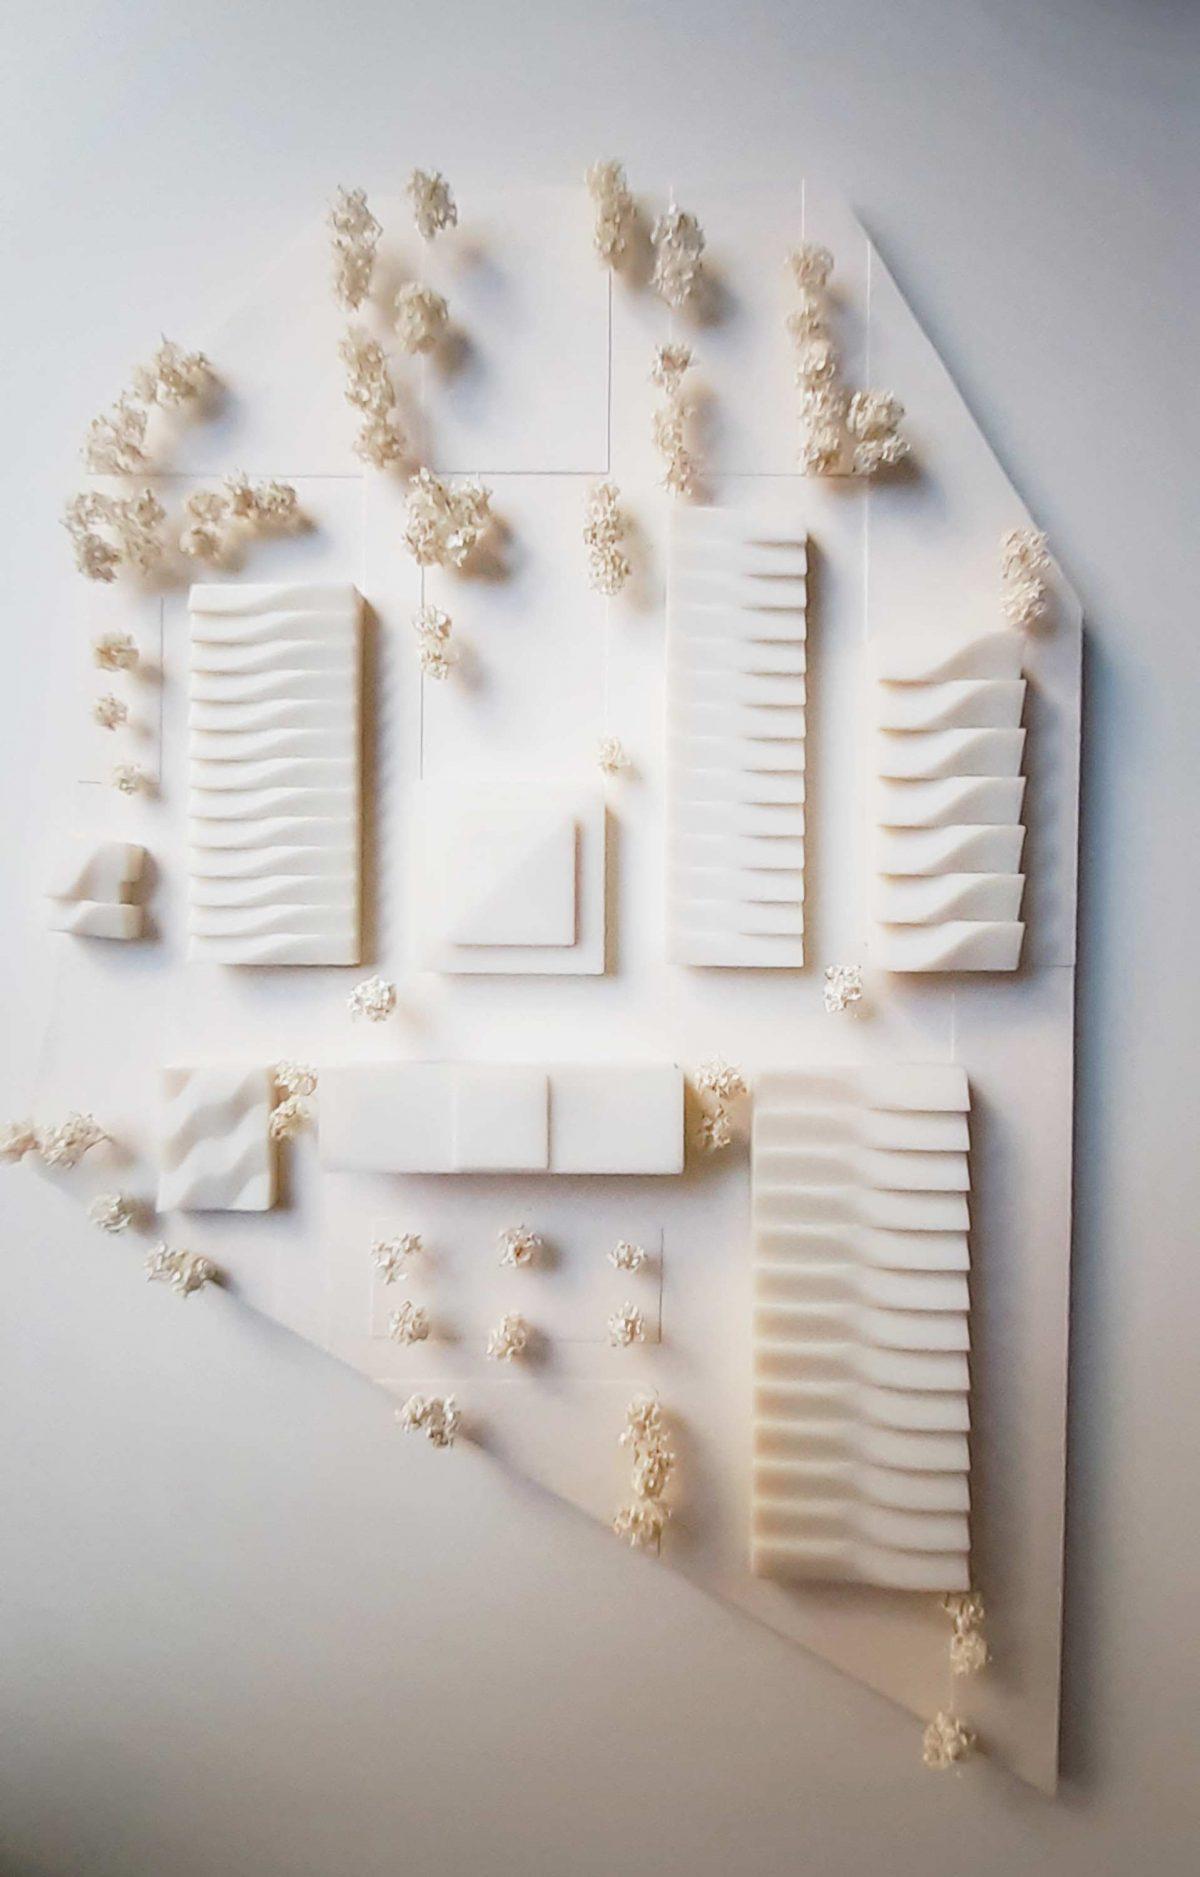 Konzeptmodell für den Entwurf vom Campus Hanwerk in Halle (Saale) vom Bermüller+Niemeyer Team.